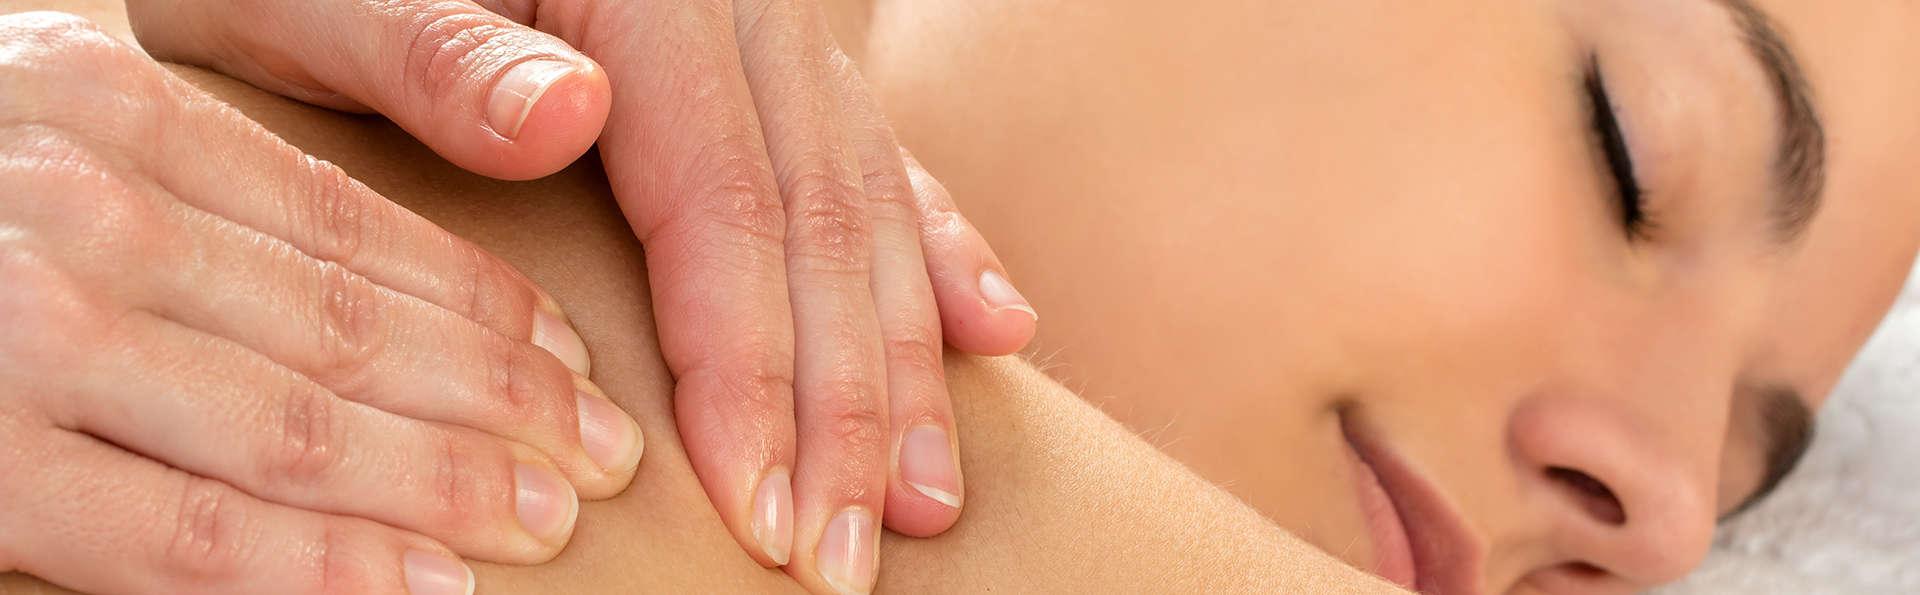 Détente à Barcelone avec Spa et massage pour deux personnes